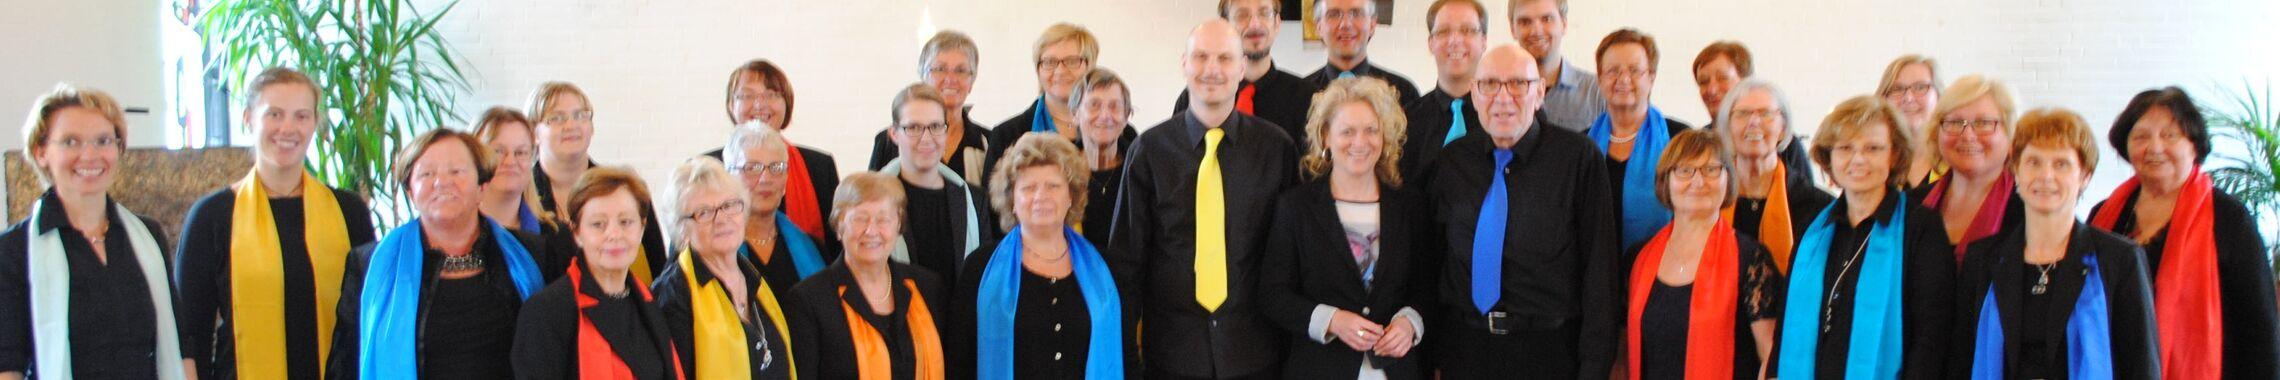 Kirchenchor DSC_0126(950-240)web